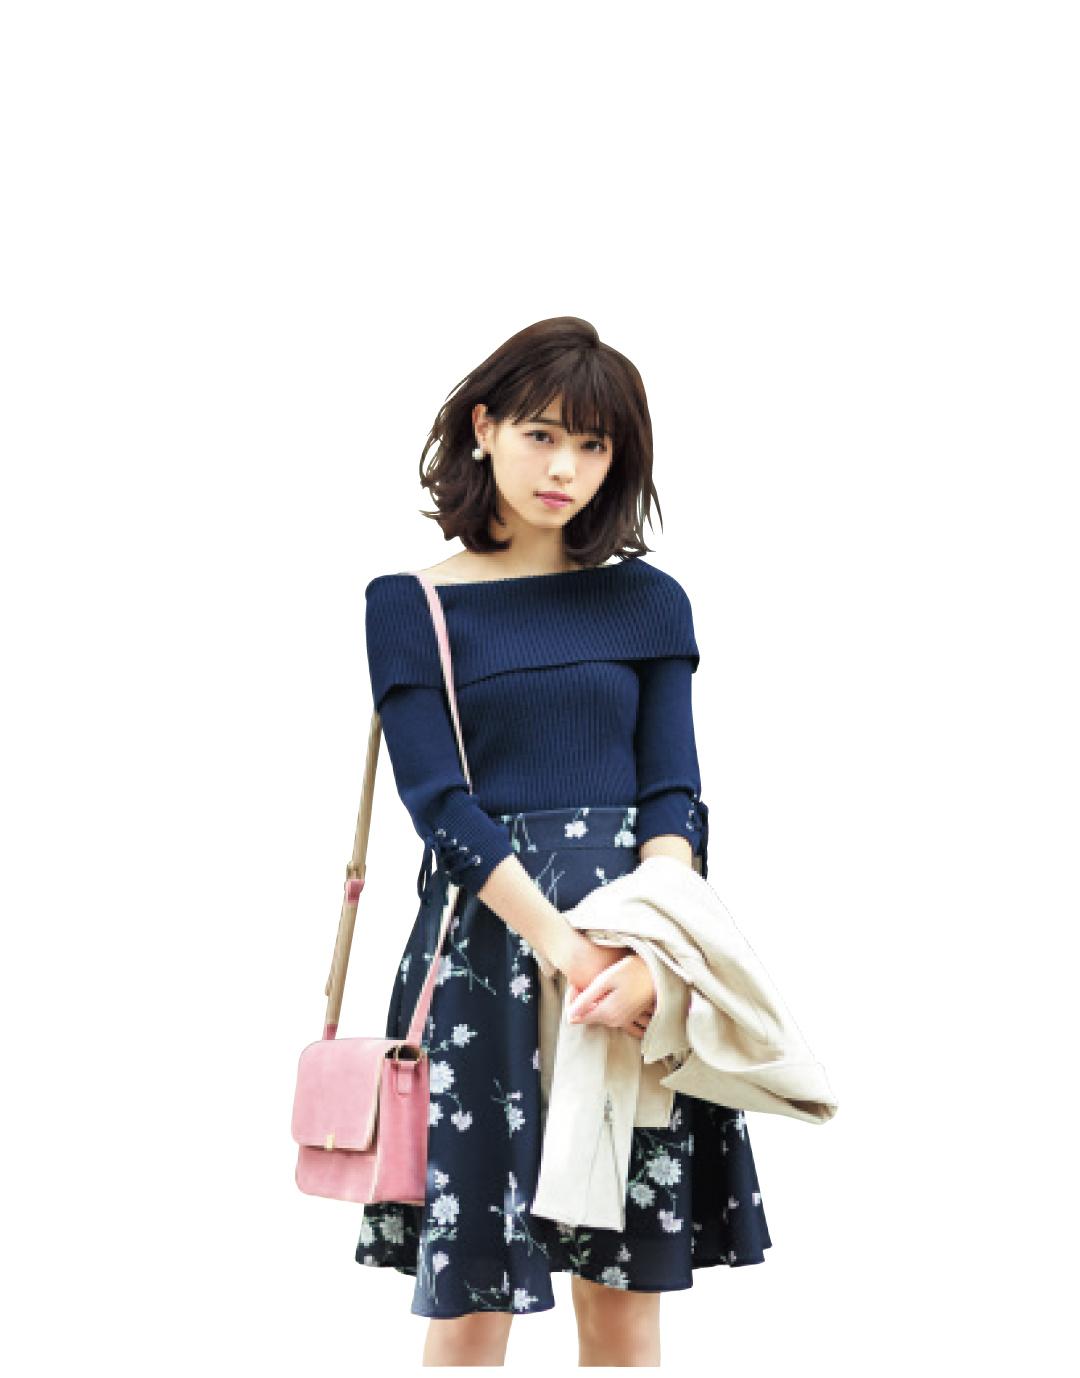 濃い色花柄スカートで、大人っぽくスタイルUPしたいときのポイントは?_1_1-2